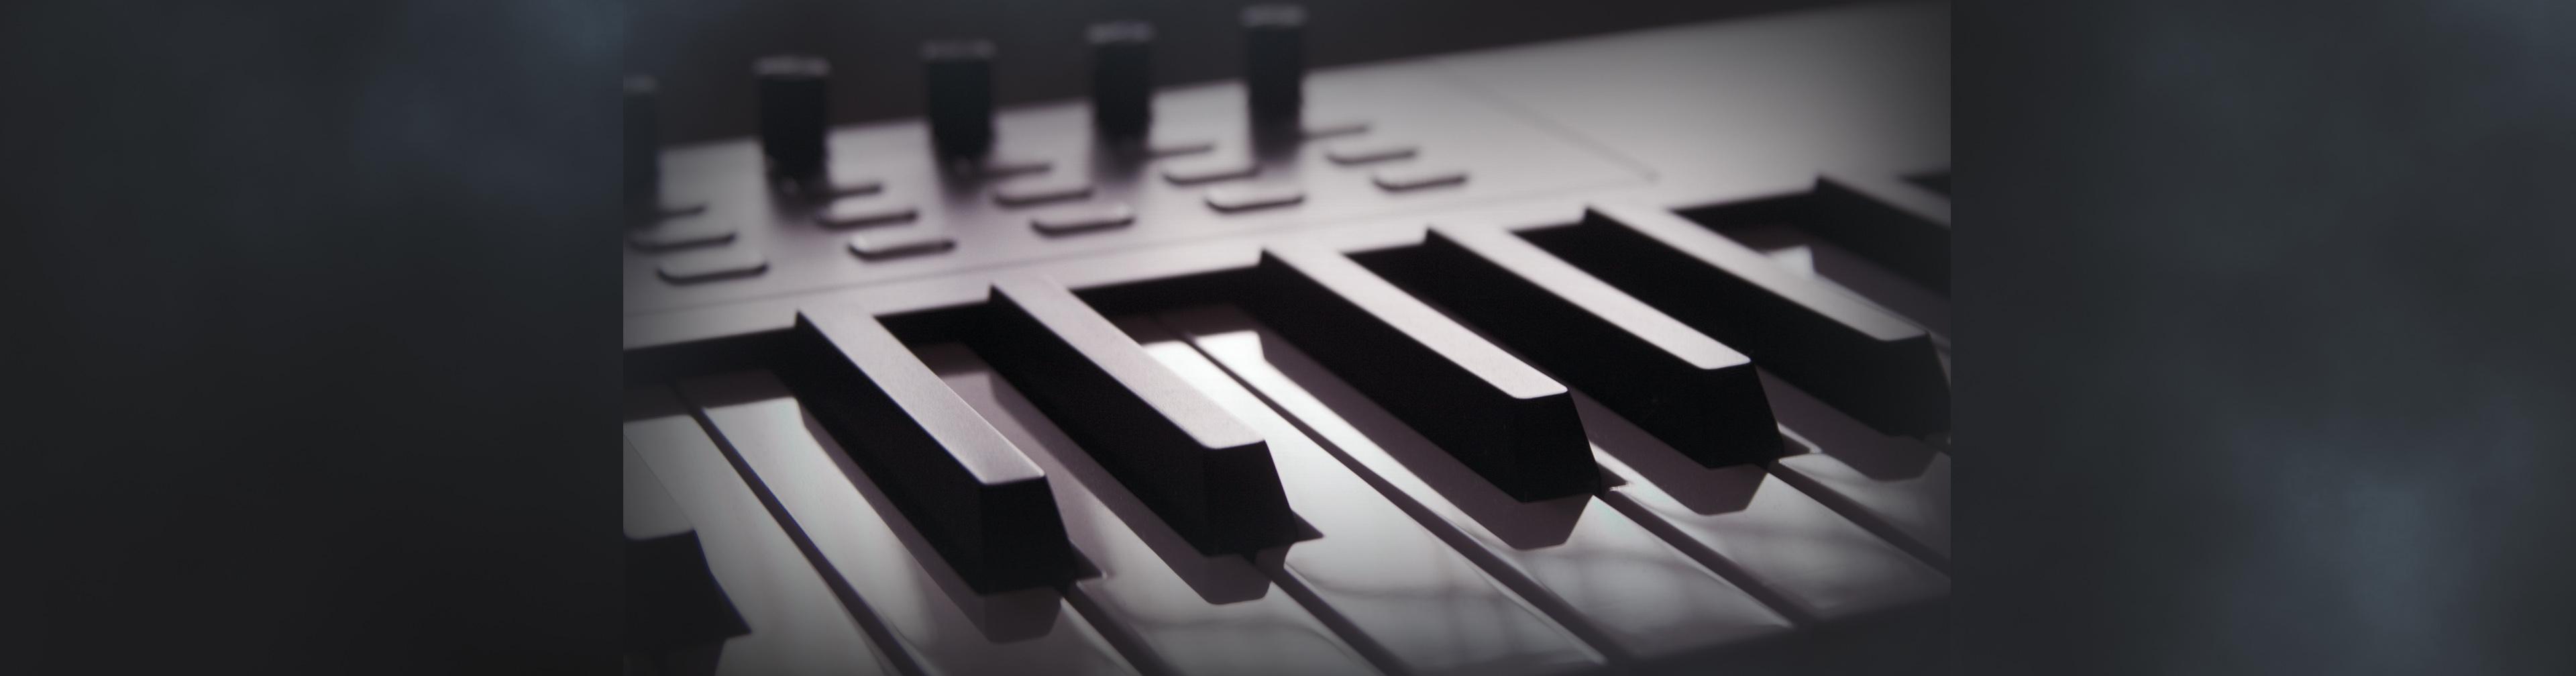 לימודי פסנתר לכל הרמות